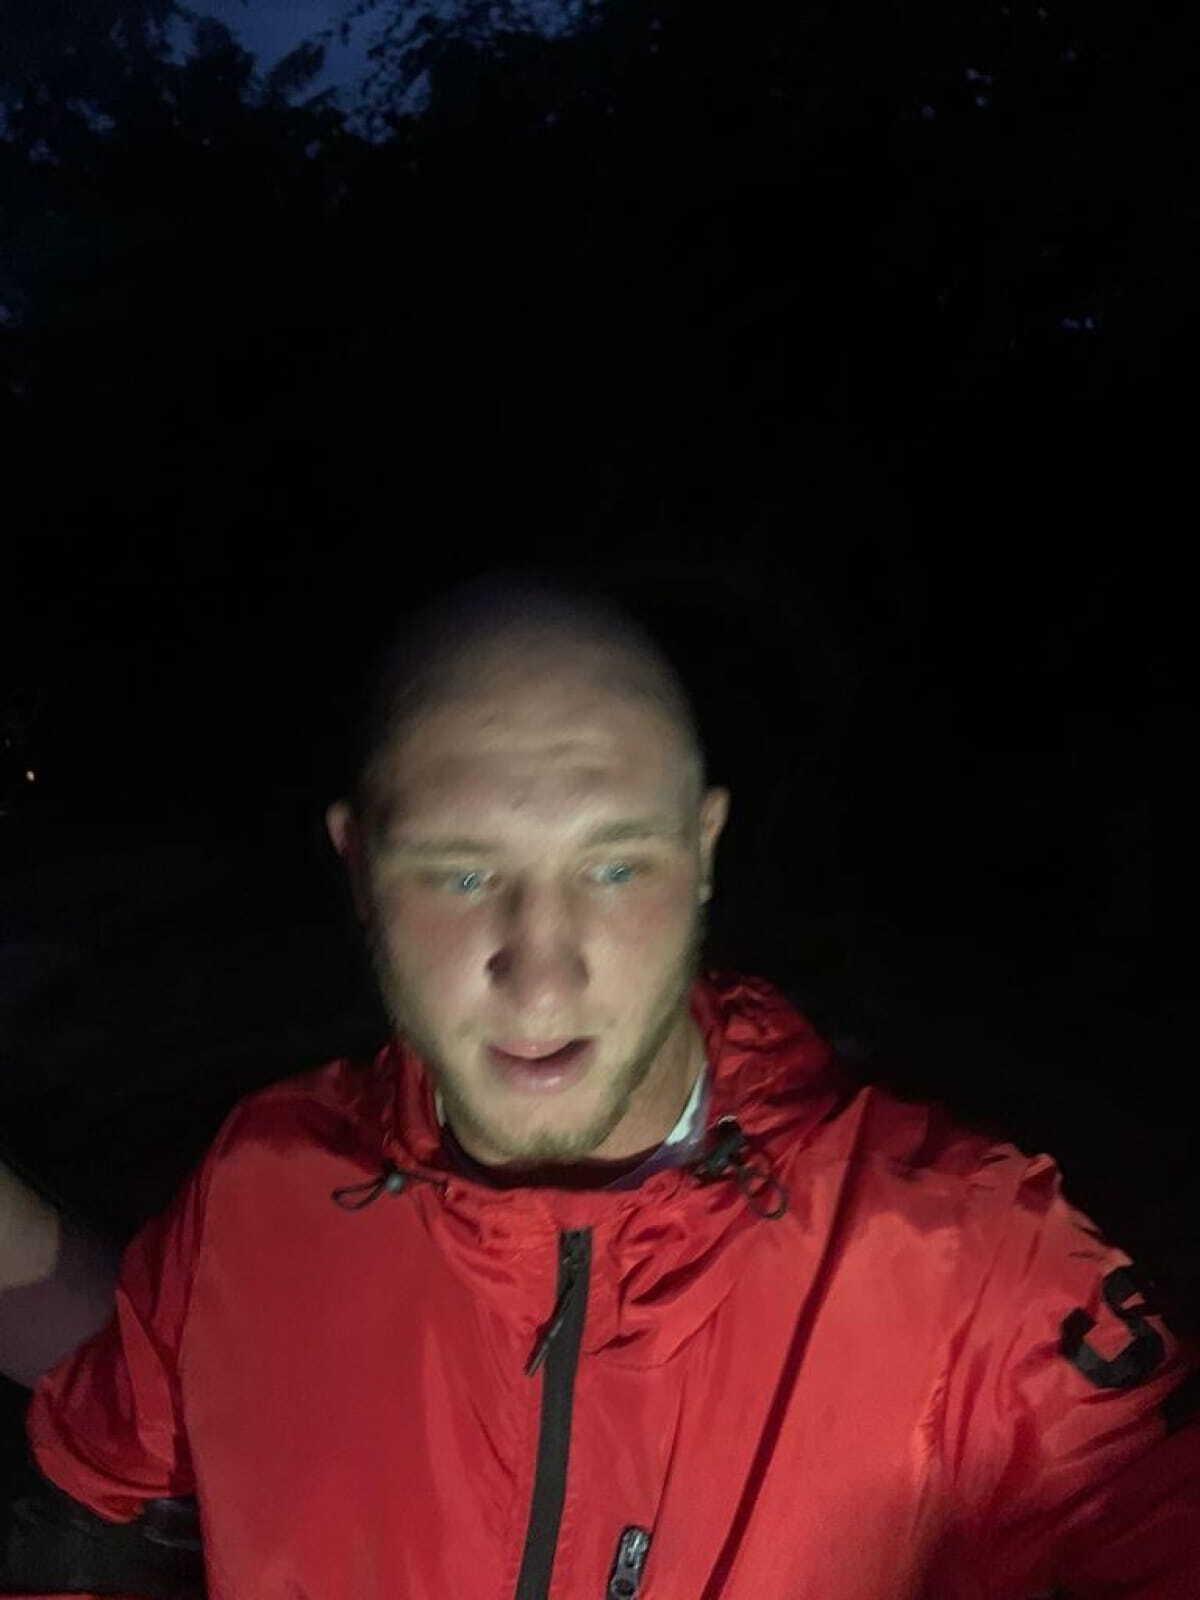 Андрей Махно, которого задержали с ножом и отпустили из полиции